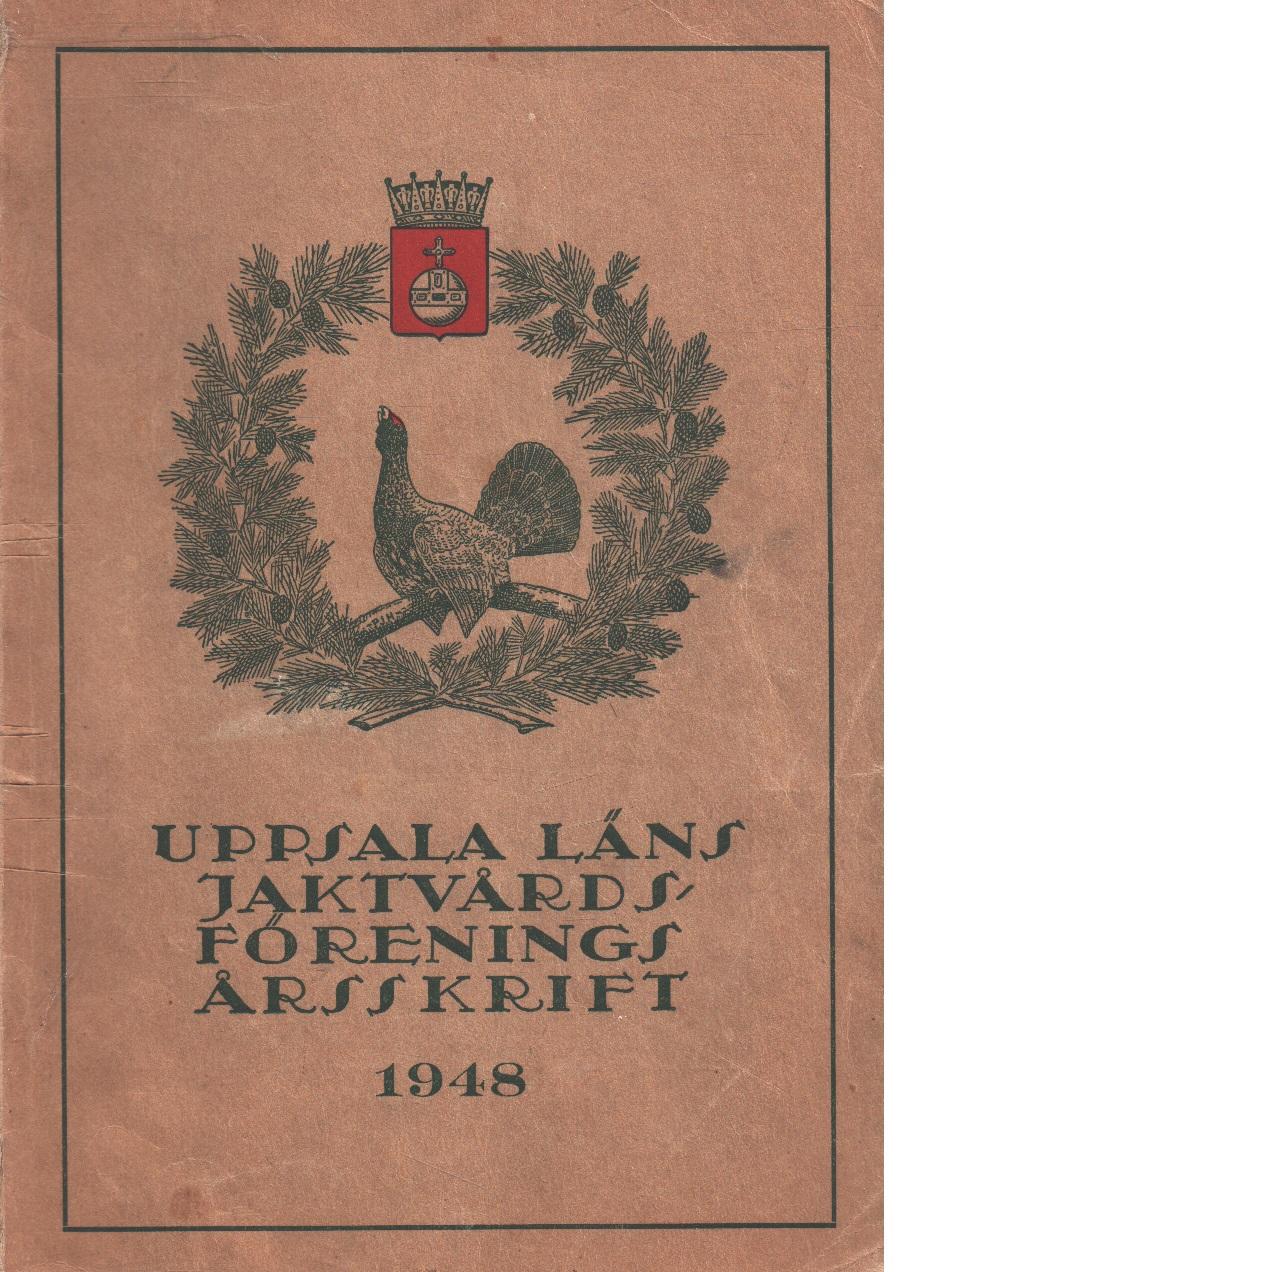 Uppsala läns jaktvårdsförenings årsskrift 1948 - Red.